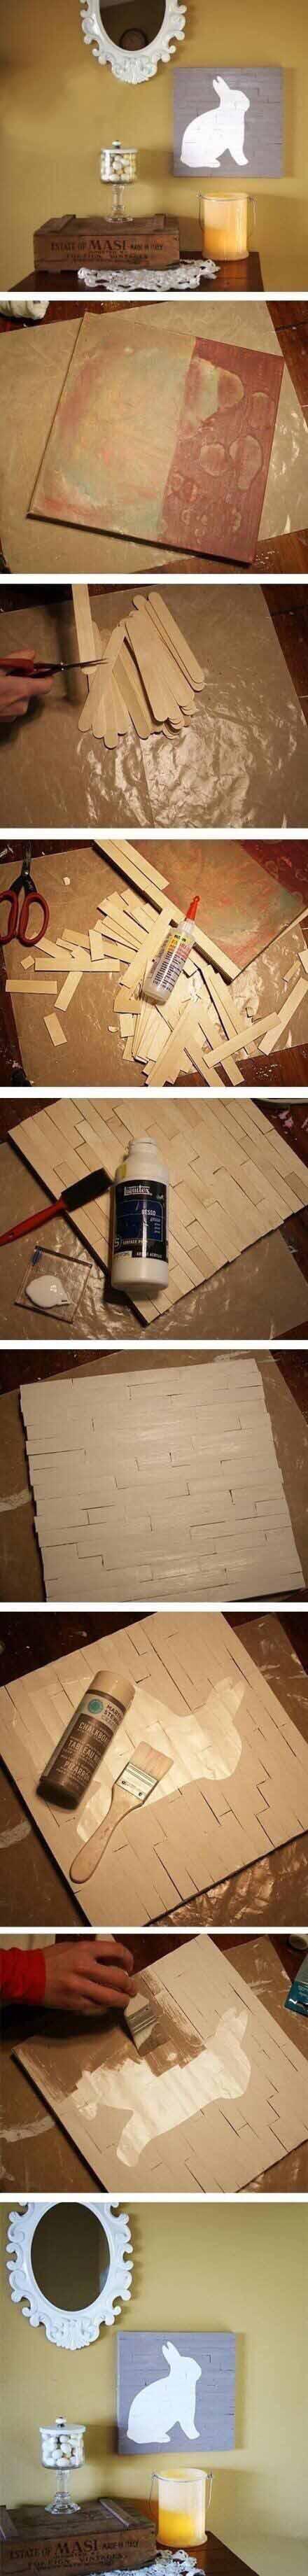 高逼格墙画DIY